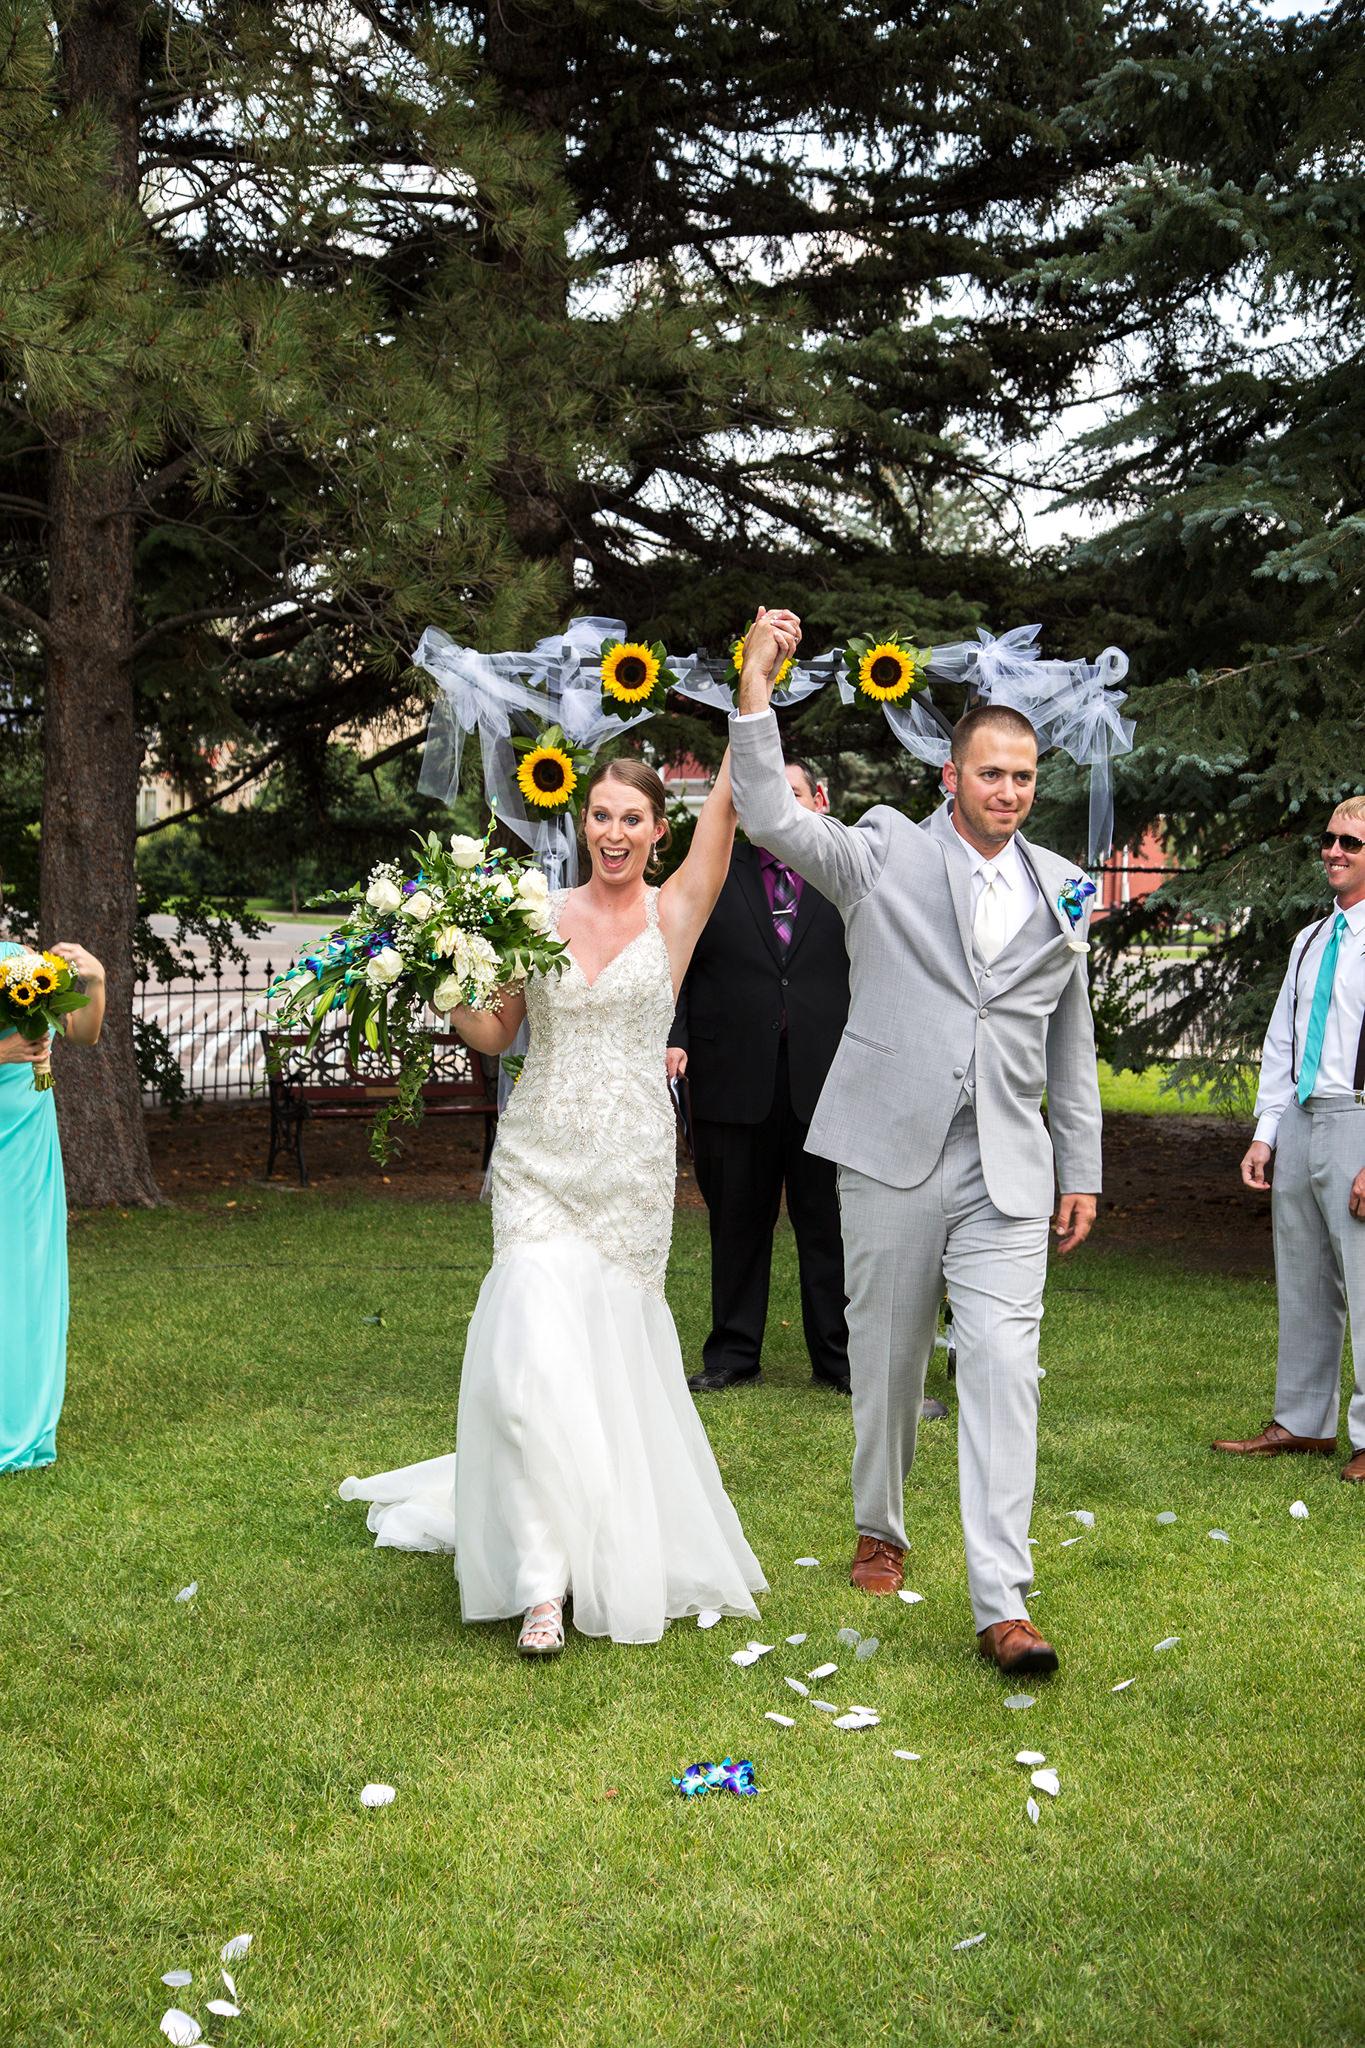 marchese_wedding_465 copy